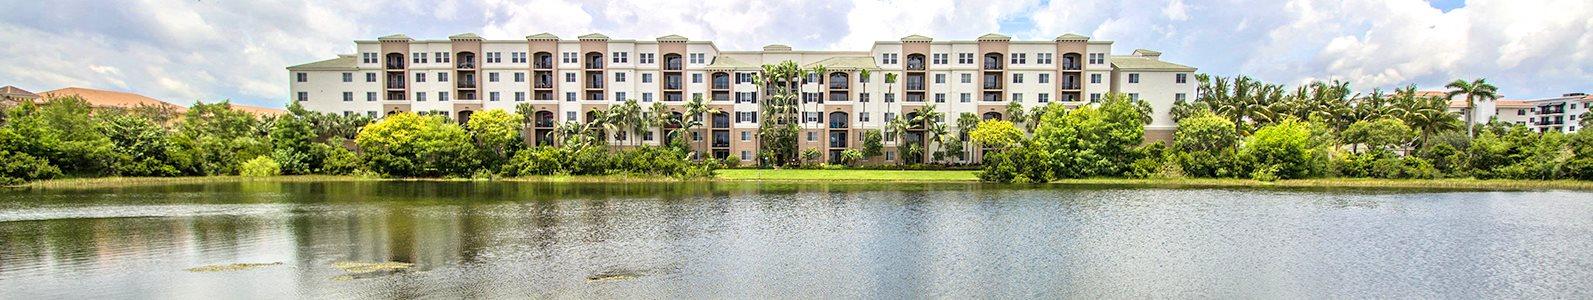 Vizcaya Lakes at Renaissance Commons apartments with lake views in Boynton Beach, Florida